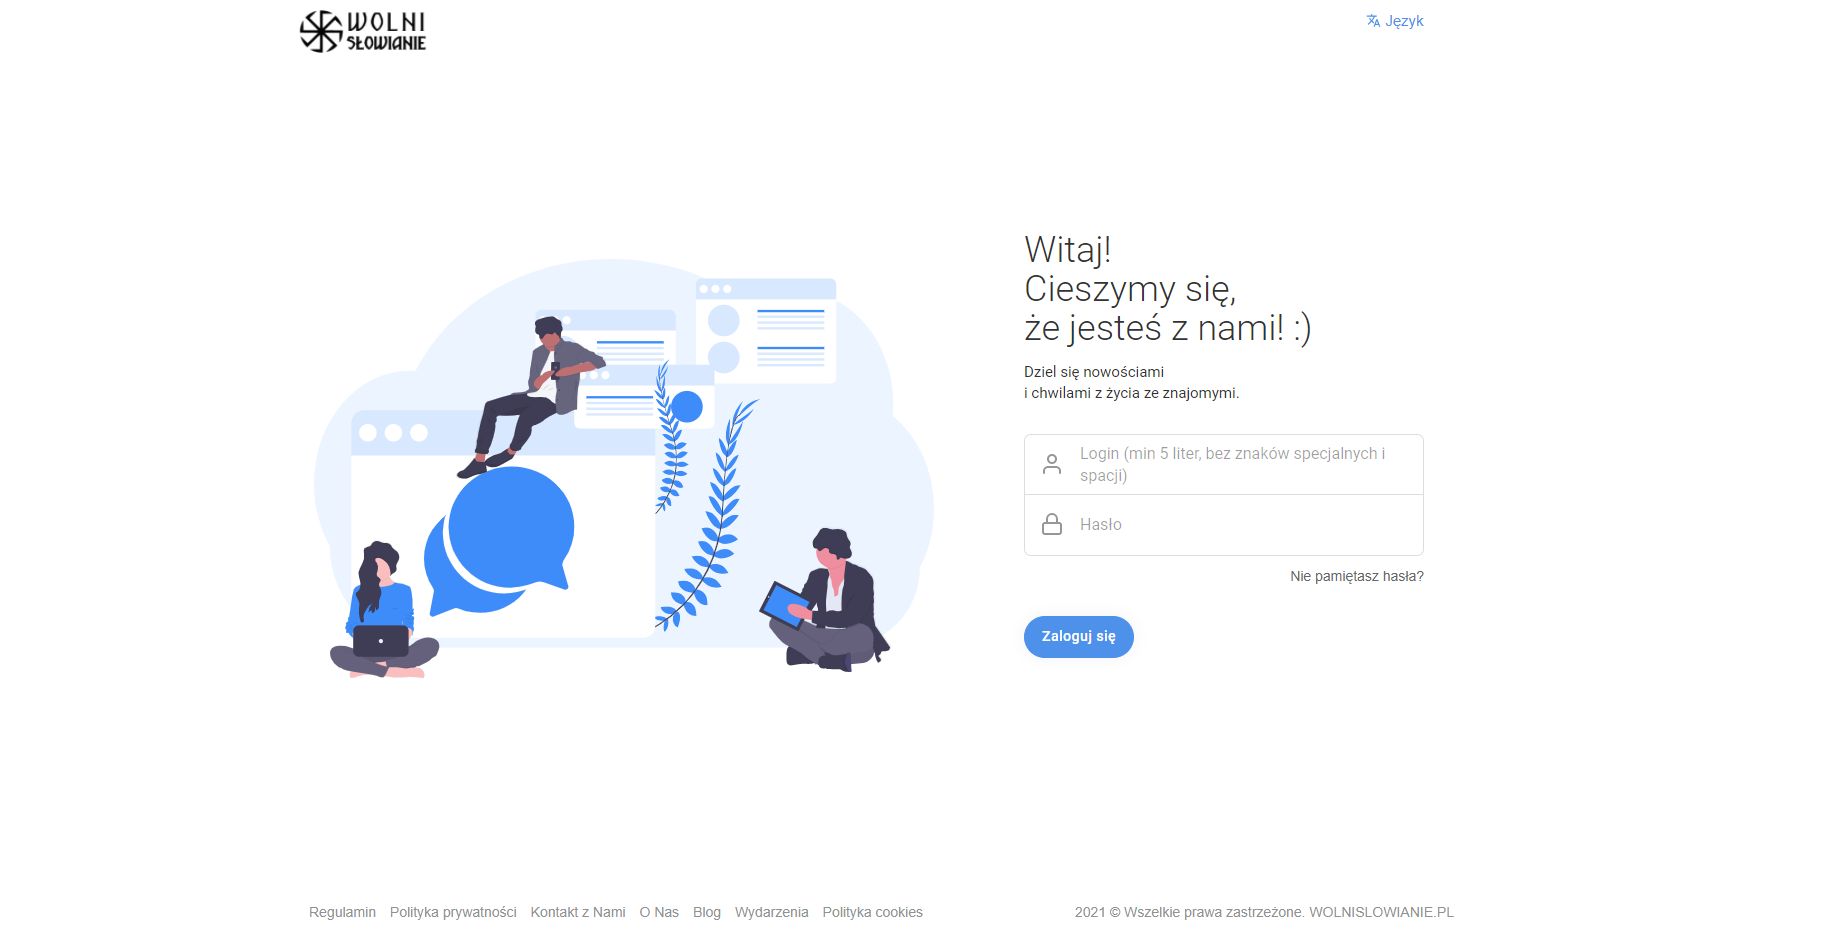 Portal wolnislowianie.pl